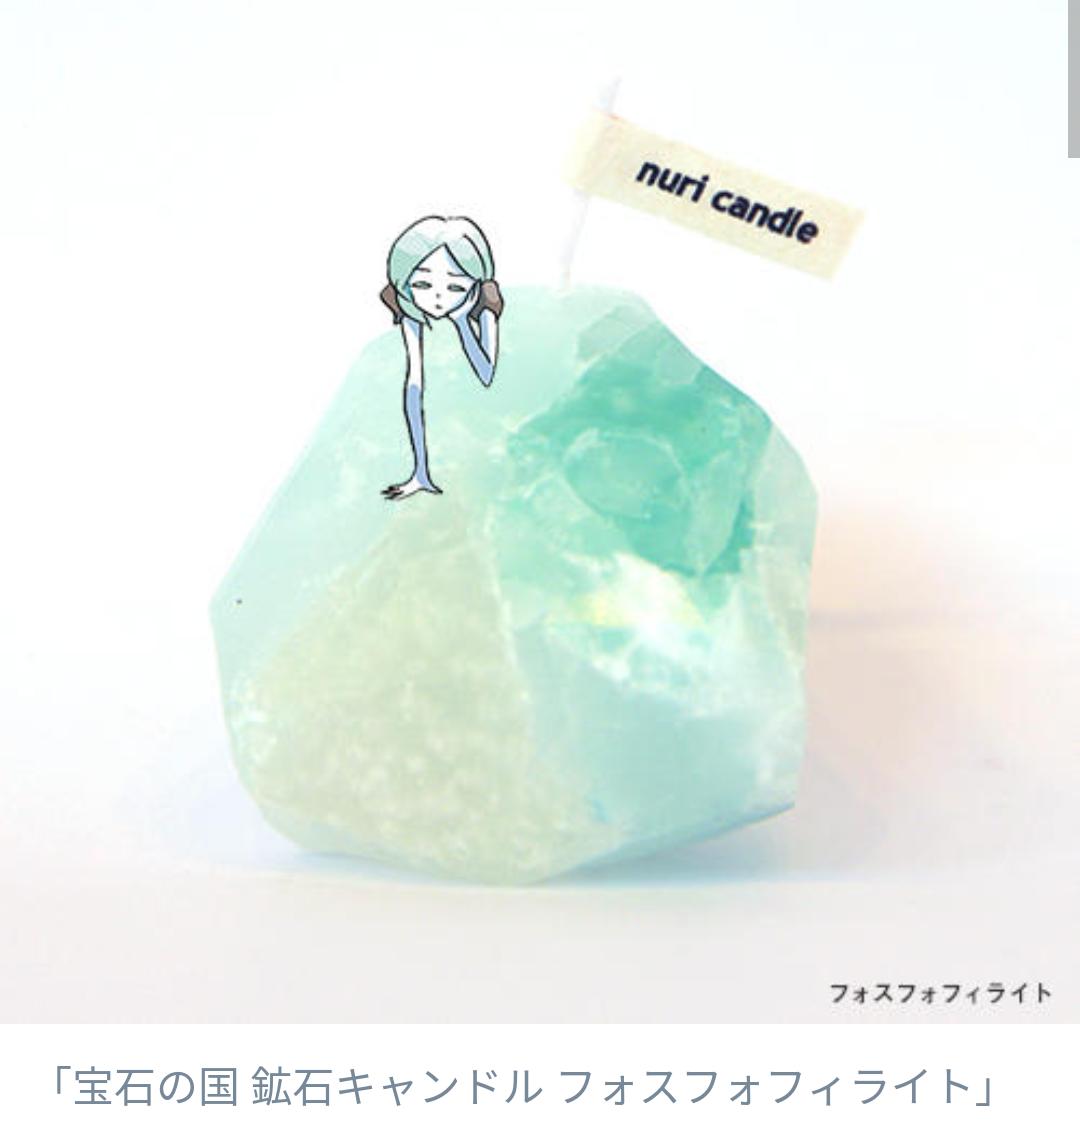 【漫画&アニメ】「宝石の国」好きな人